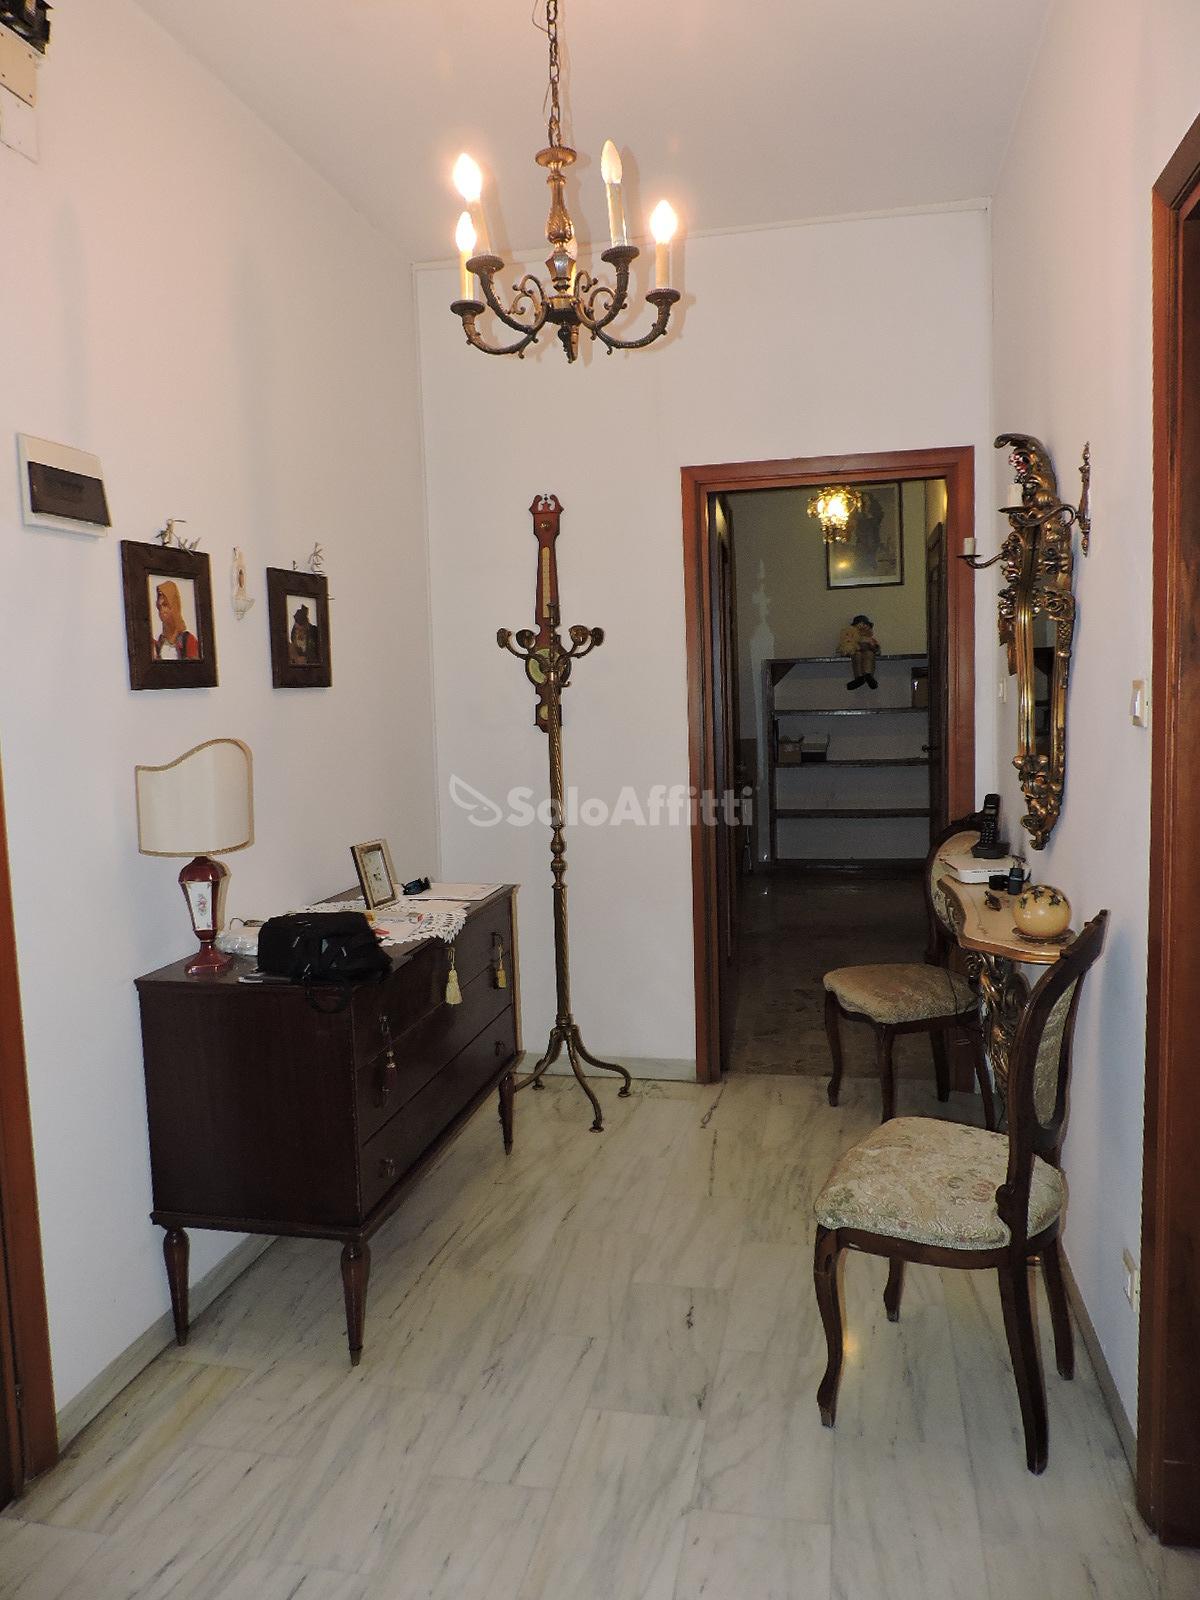 Appartamento Quadrilocale Arredato 140 mq.